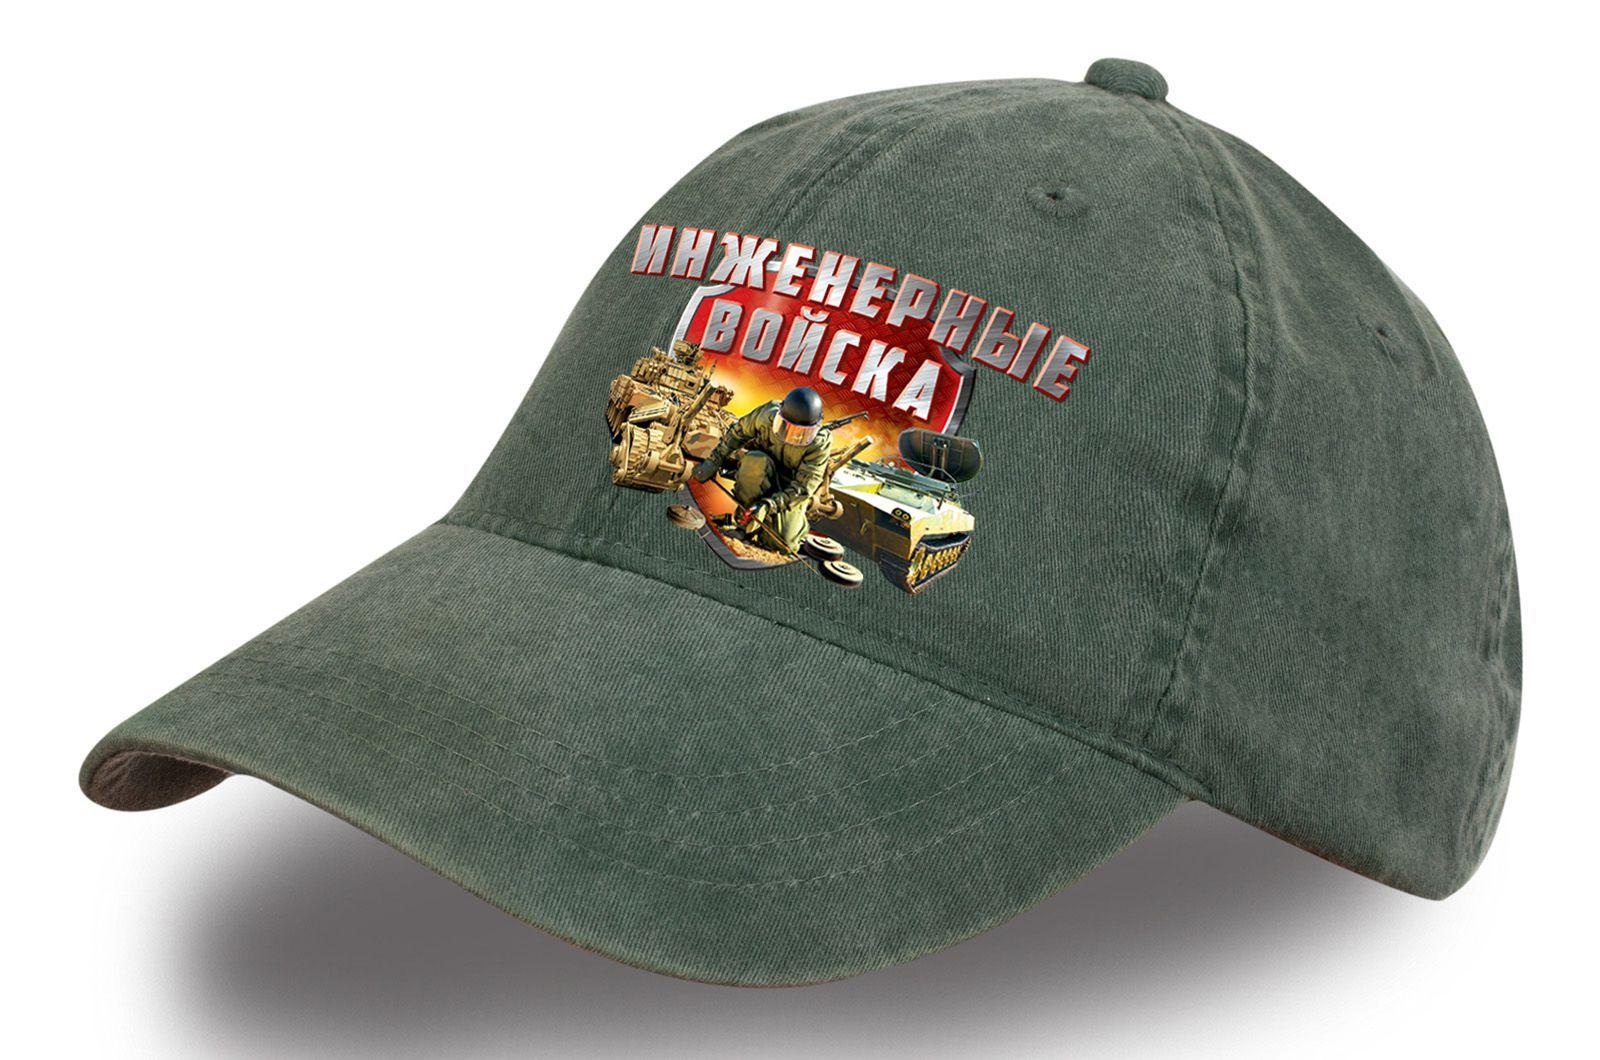 """Джинсовая кепка """"Инженерные войска"""" - купить онлайн недорого"""